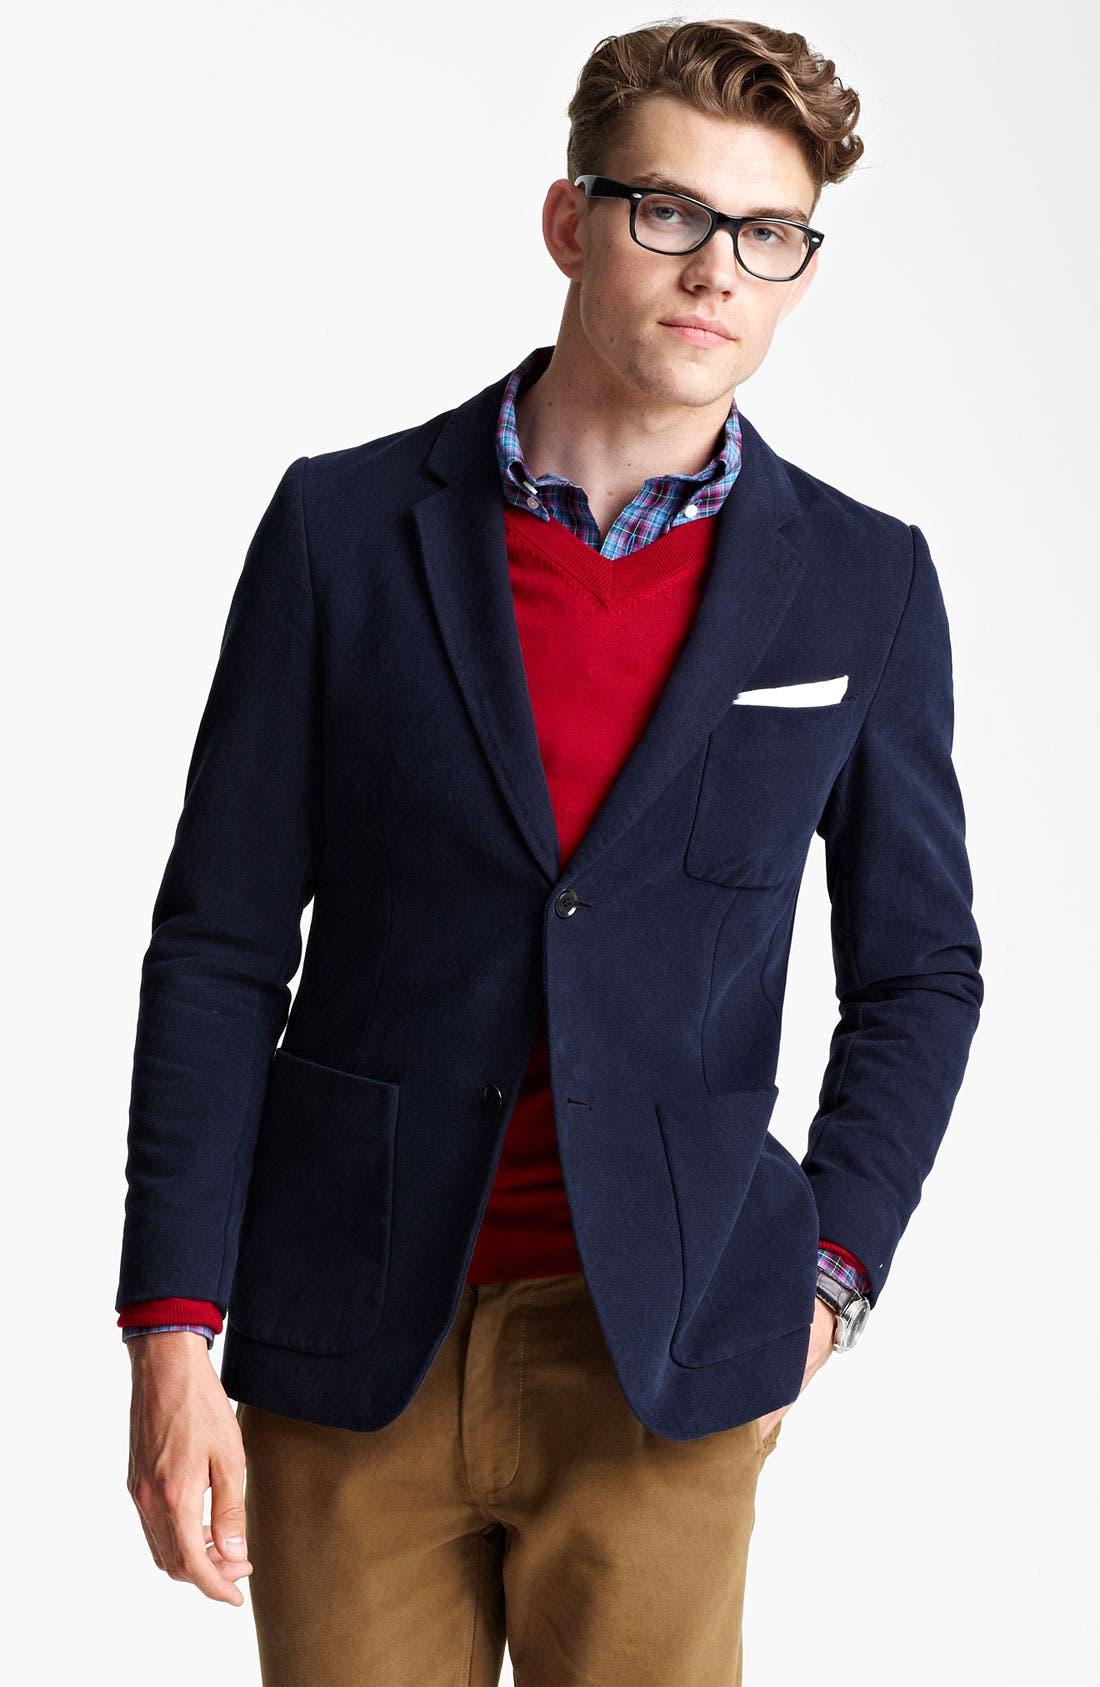 JACK SPADE 'Adler' Blazer, Main, color, 410